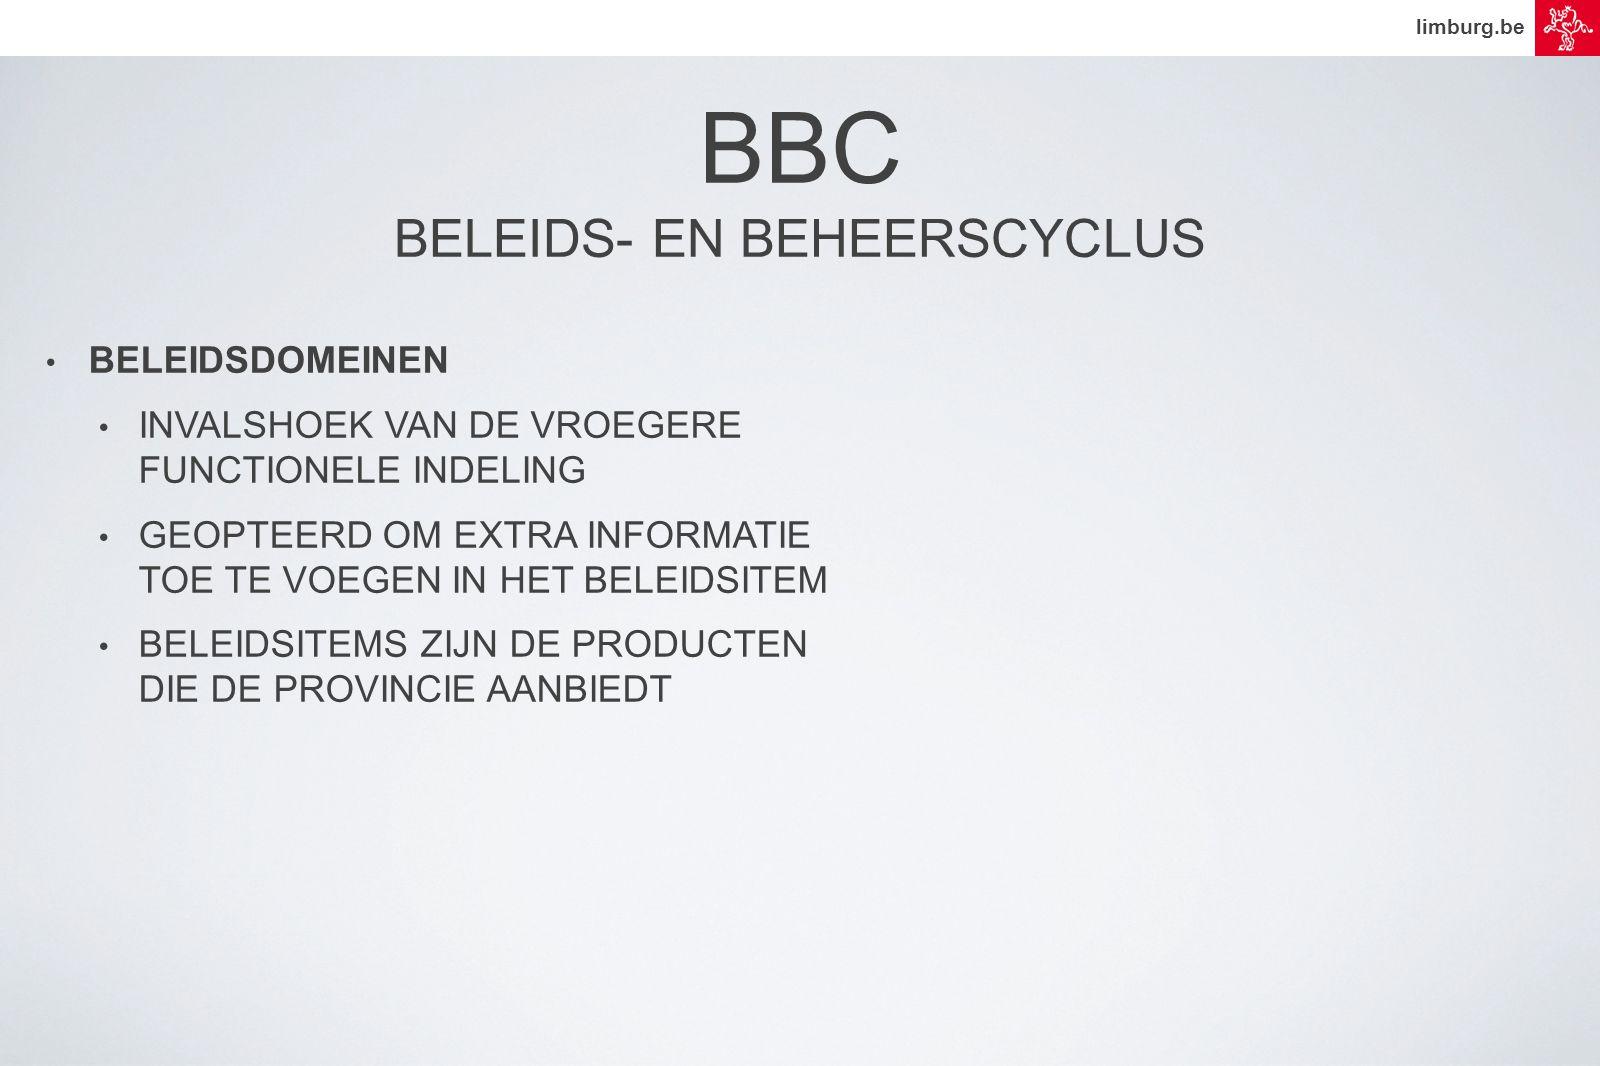 limburg.be • BELEIDSDOMEINEN • INVALSHOEK VAN DE VROEGERE FUNCTIONELE INDELING • GEOPTEERD OM EXTRA INFORMATIE TOE TE VOEGEN IN HET BELEIDSITEM • BELEIDSITEMS ZIJN DE PRODUCTEN DIE DE PROVINCIE AANBIEDT BBC BELEIDS- EN BEHEERSCYCLUS